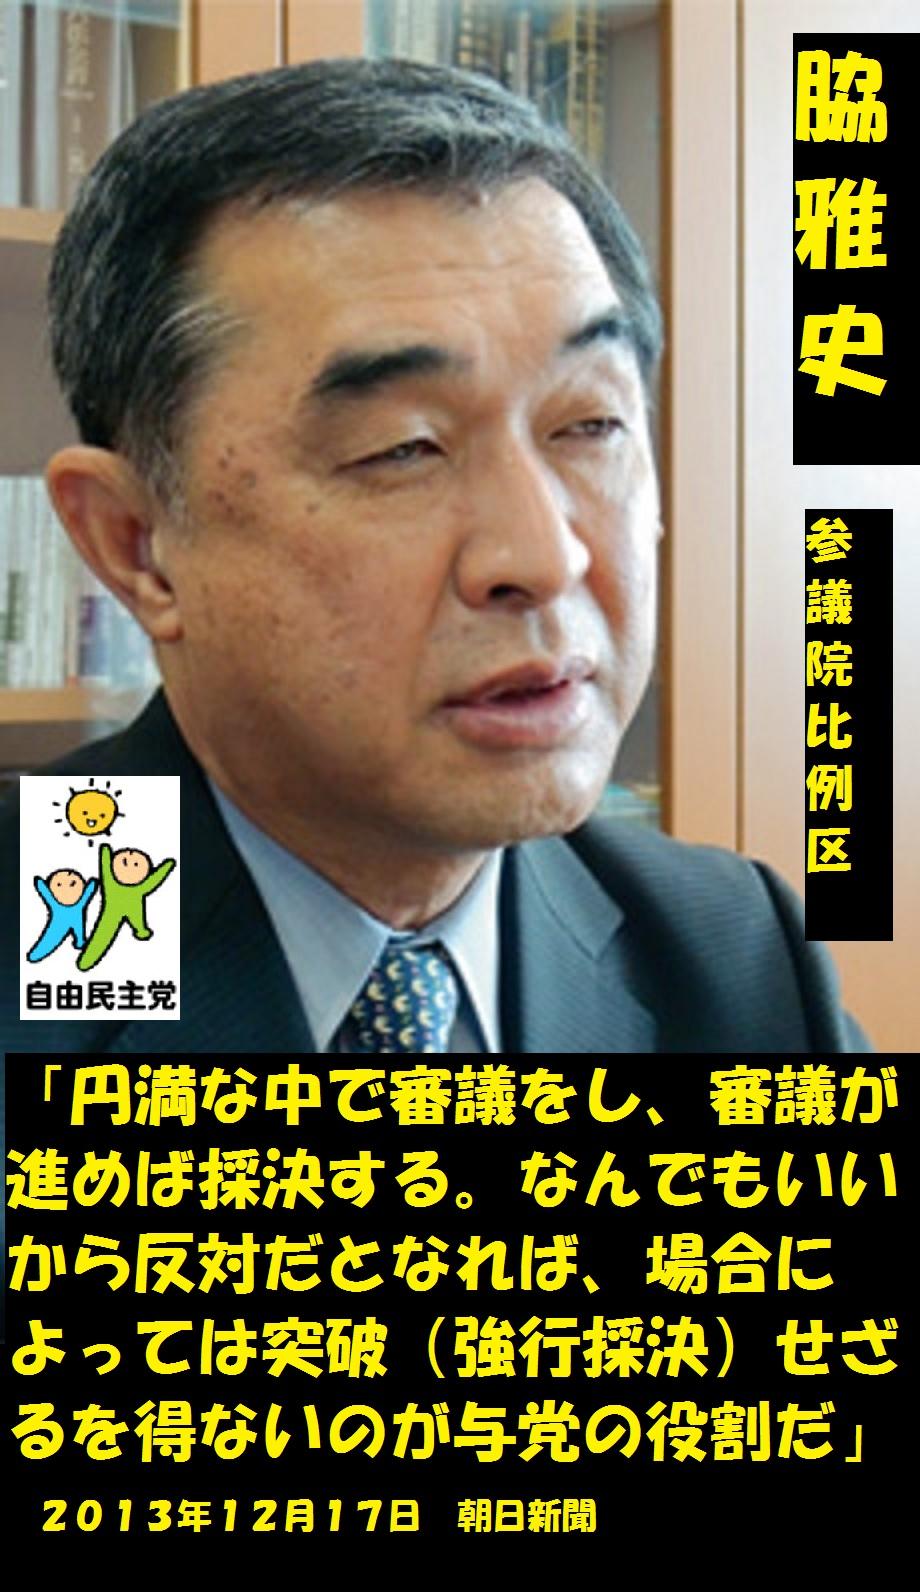 脇雅史201312172